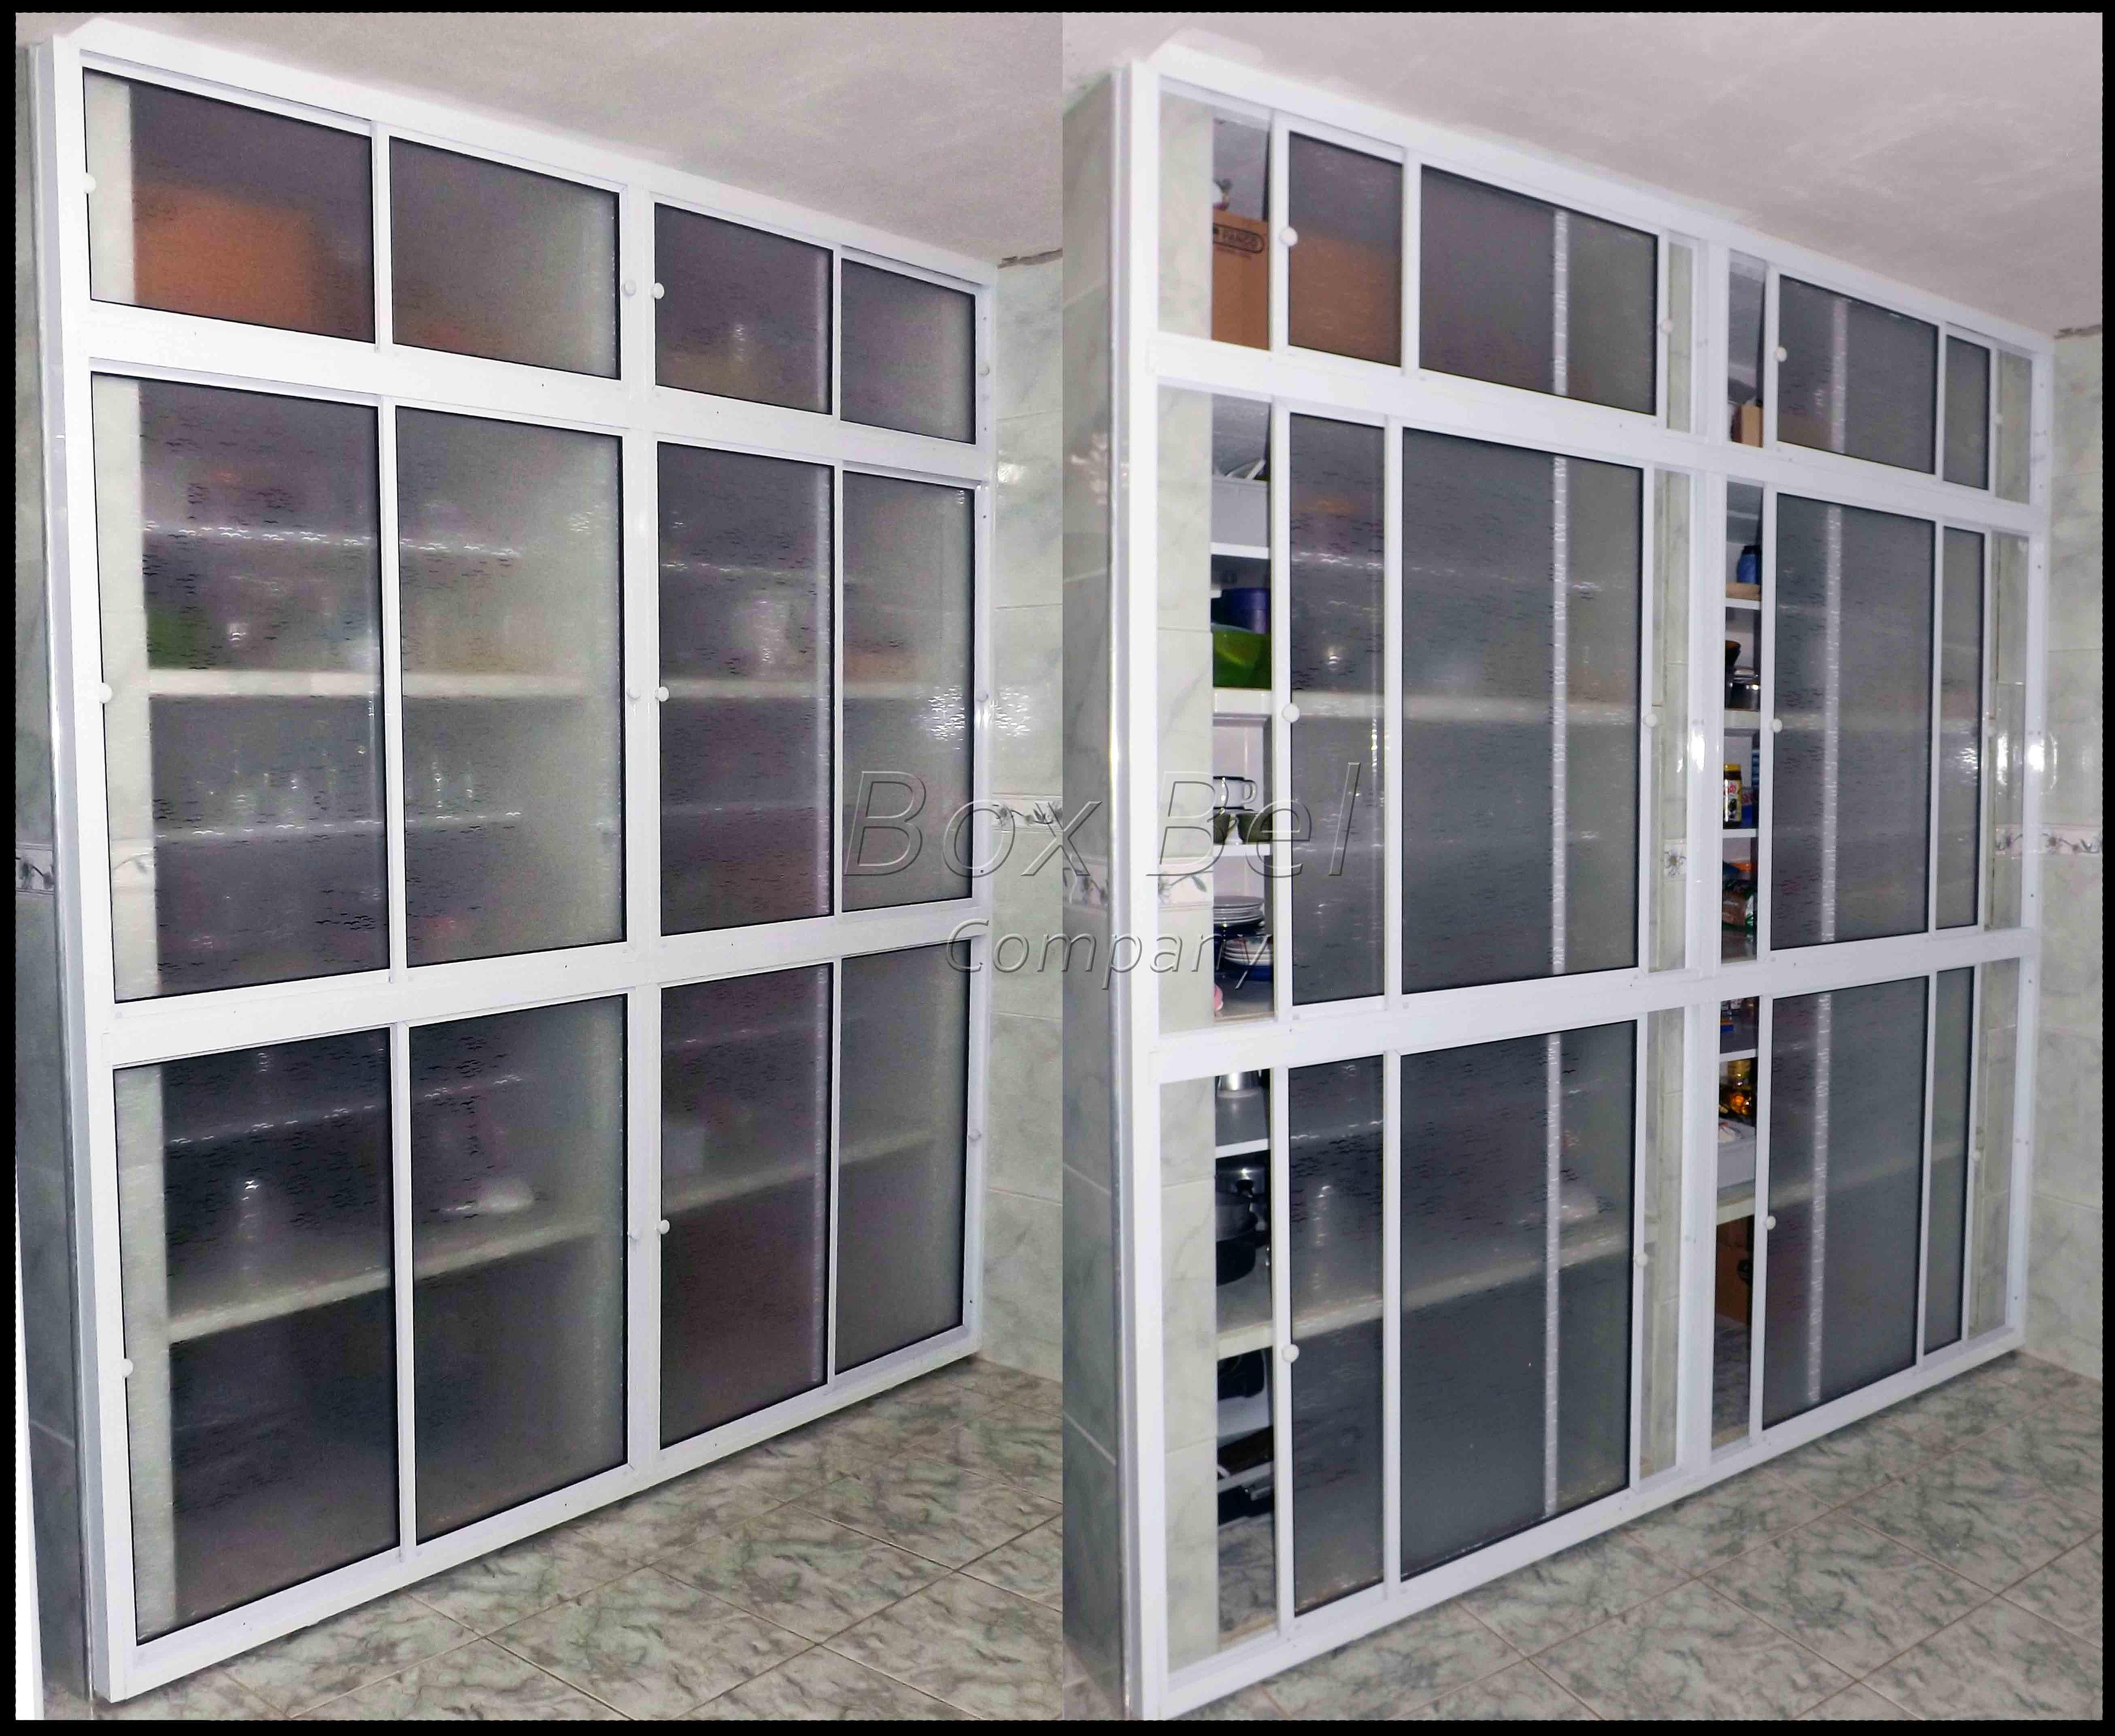 Imagens de #7F594C Em alumínio branco prateleiras MDF branca e acrílico GV cristal 5225x4288 px 3002 Box Banheiro Curitiba Xaxim